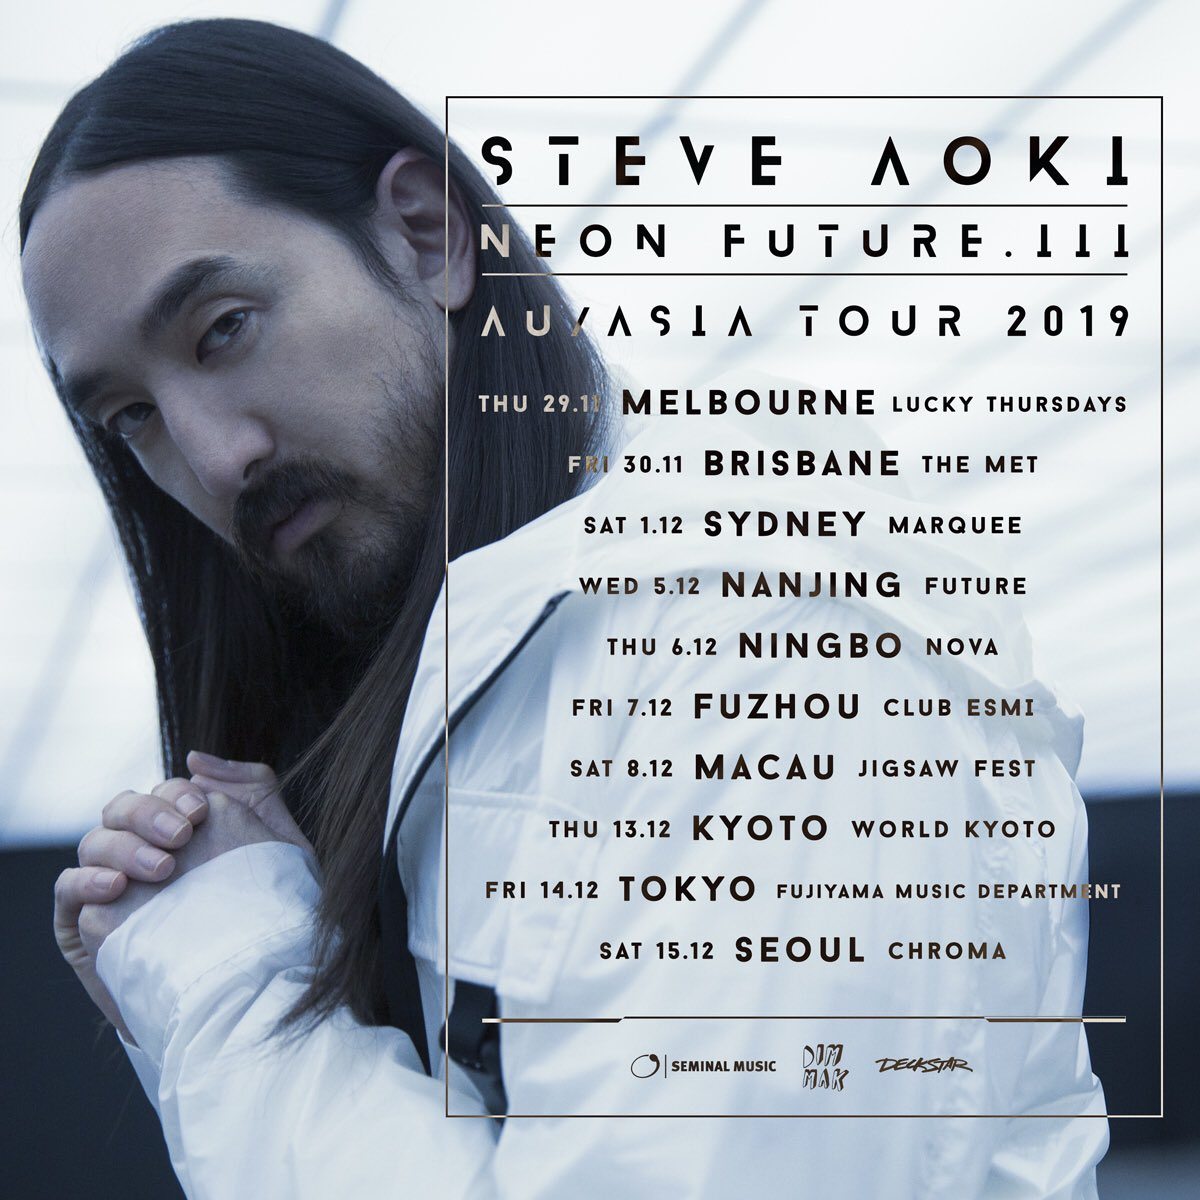 AUS / ASIA TOUR!! ���� ���� ���� ���� https://t.co/qTPDTbVIJ6